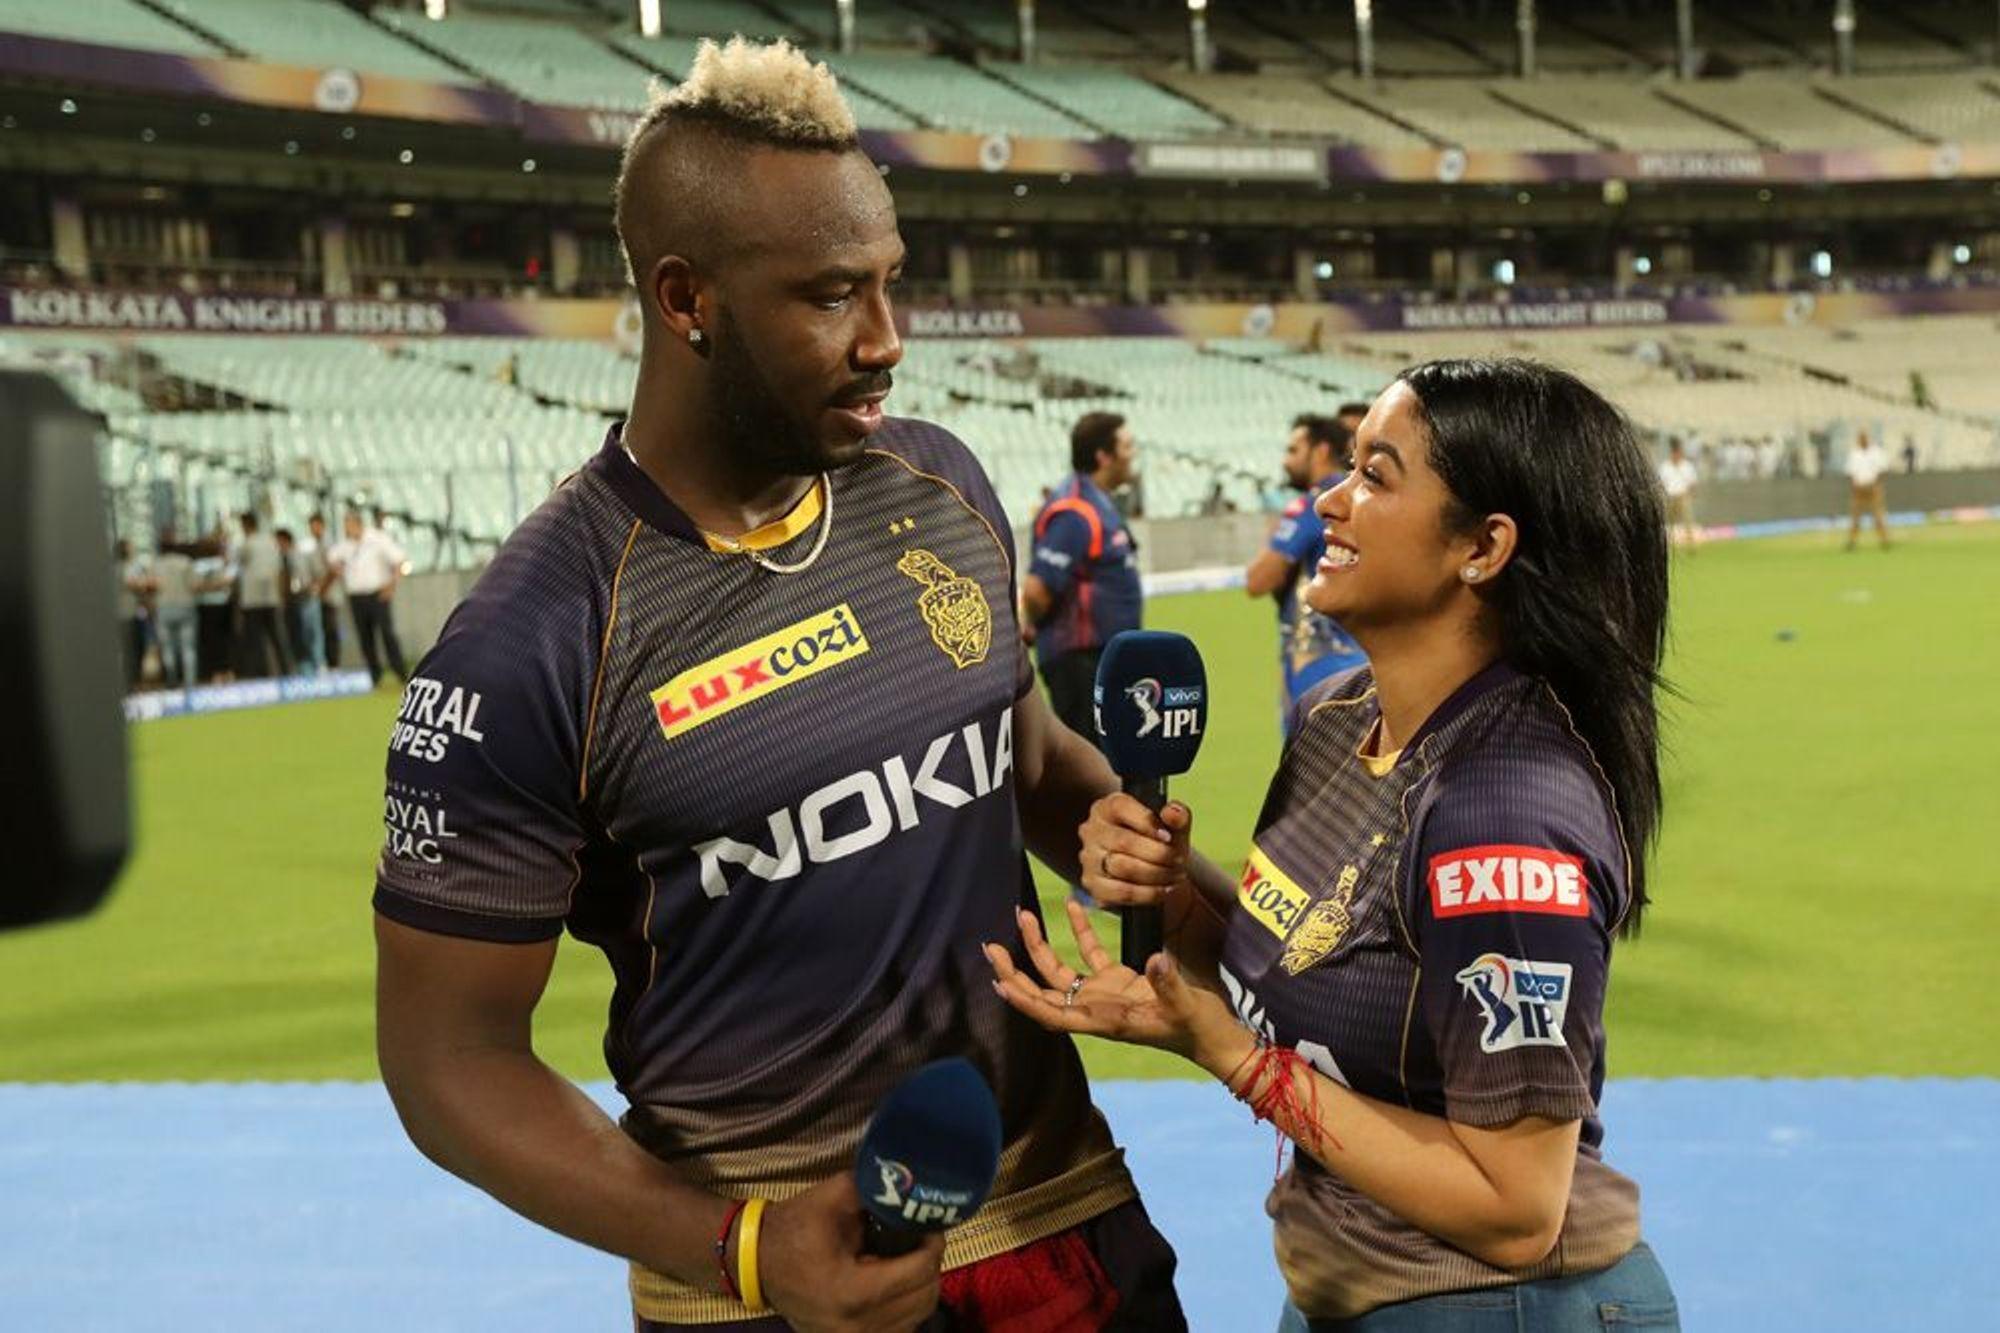 KKRvsMI : 'मैन ऑफ द मैच' आंद्रे रसेल ने बताया अपनी तूफानी बल्लेबाजी का असली राज 2